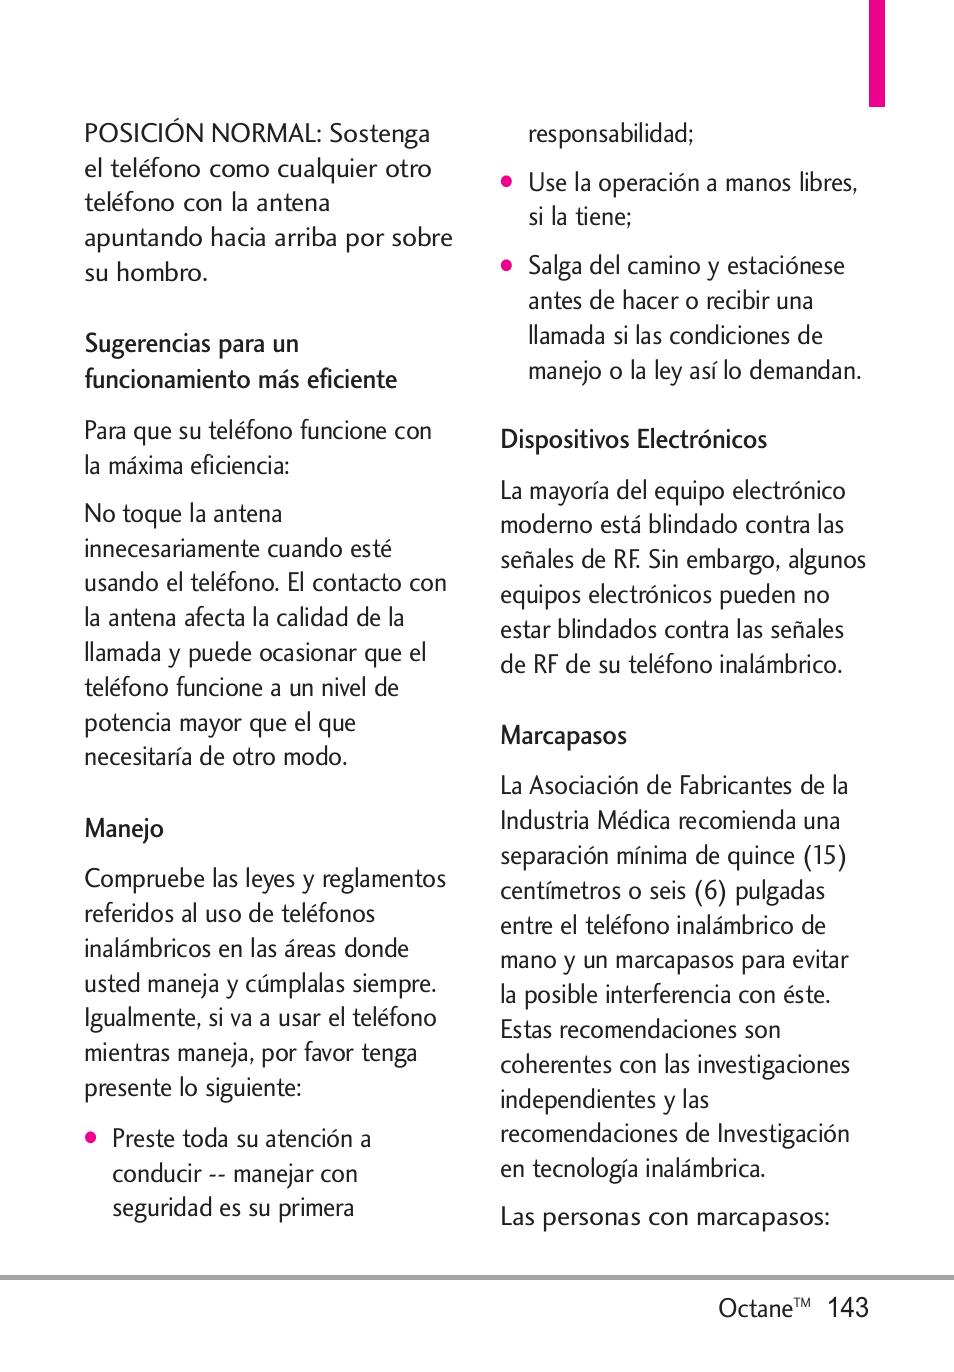 Sugerencias para un funcion, Manejo, Dispositivos electrónicos | LG